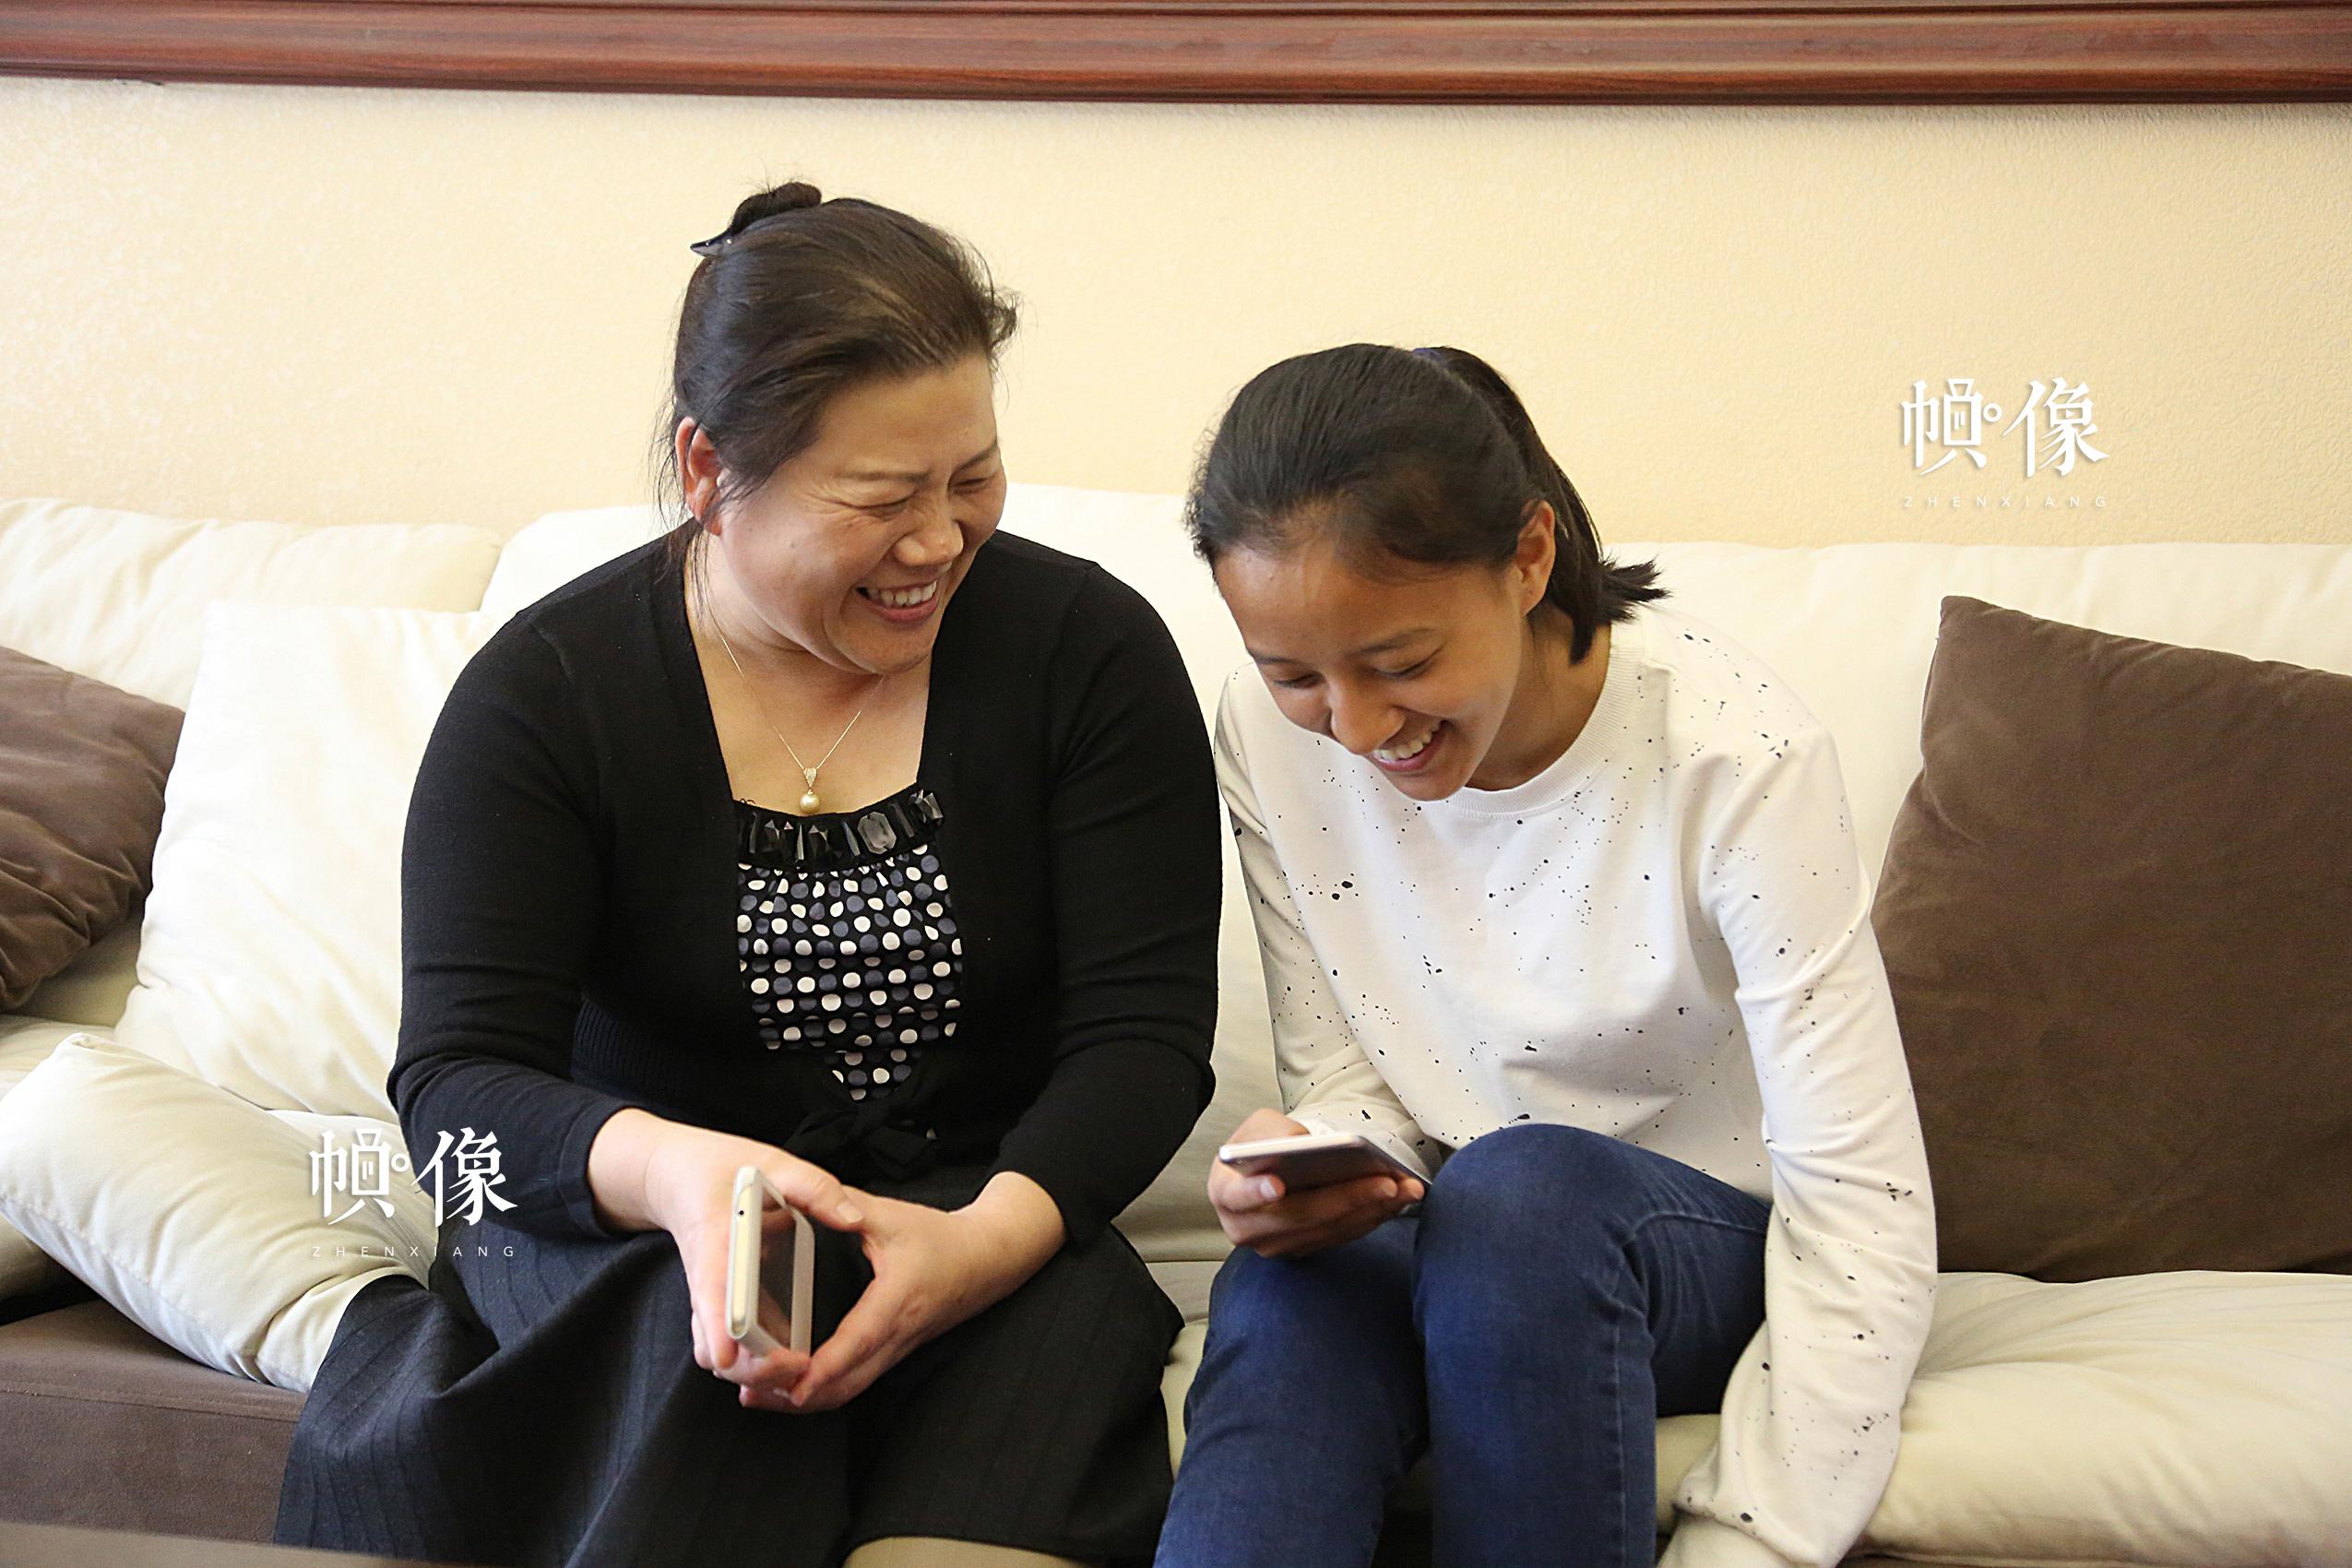 2017年4月8日,德乾尕毛在北京助养家庭中与妈妈讨论一些有趣的事。中国网记者 黄富友 摄